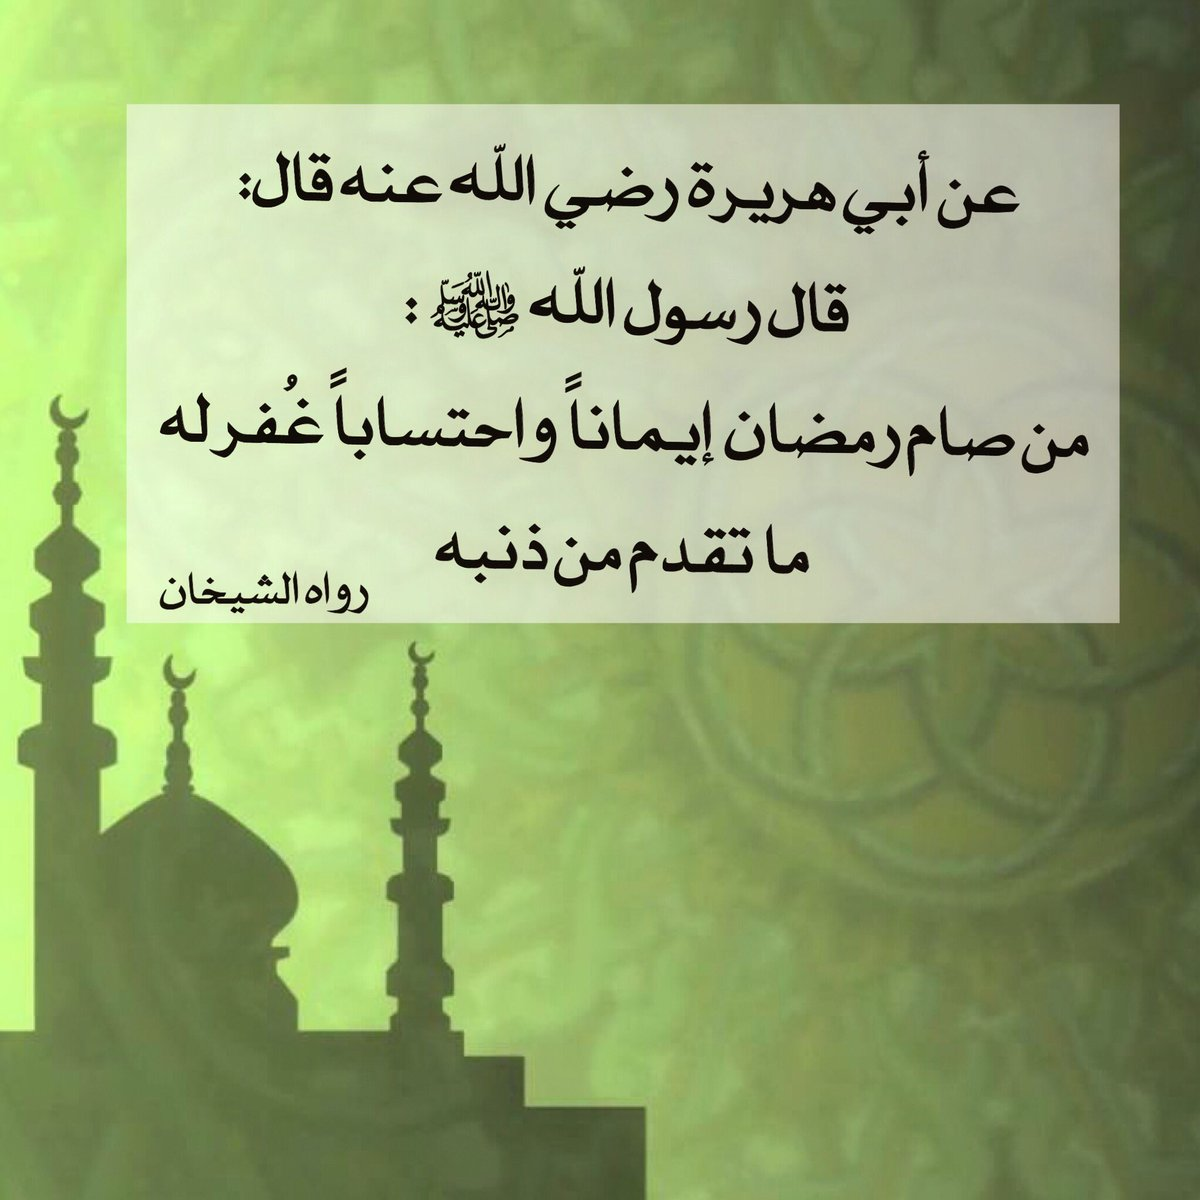 إمساكية شهر رمضان 2021 1442 وموعده فلكيا في مصر والسعودية